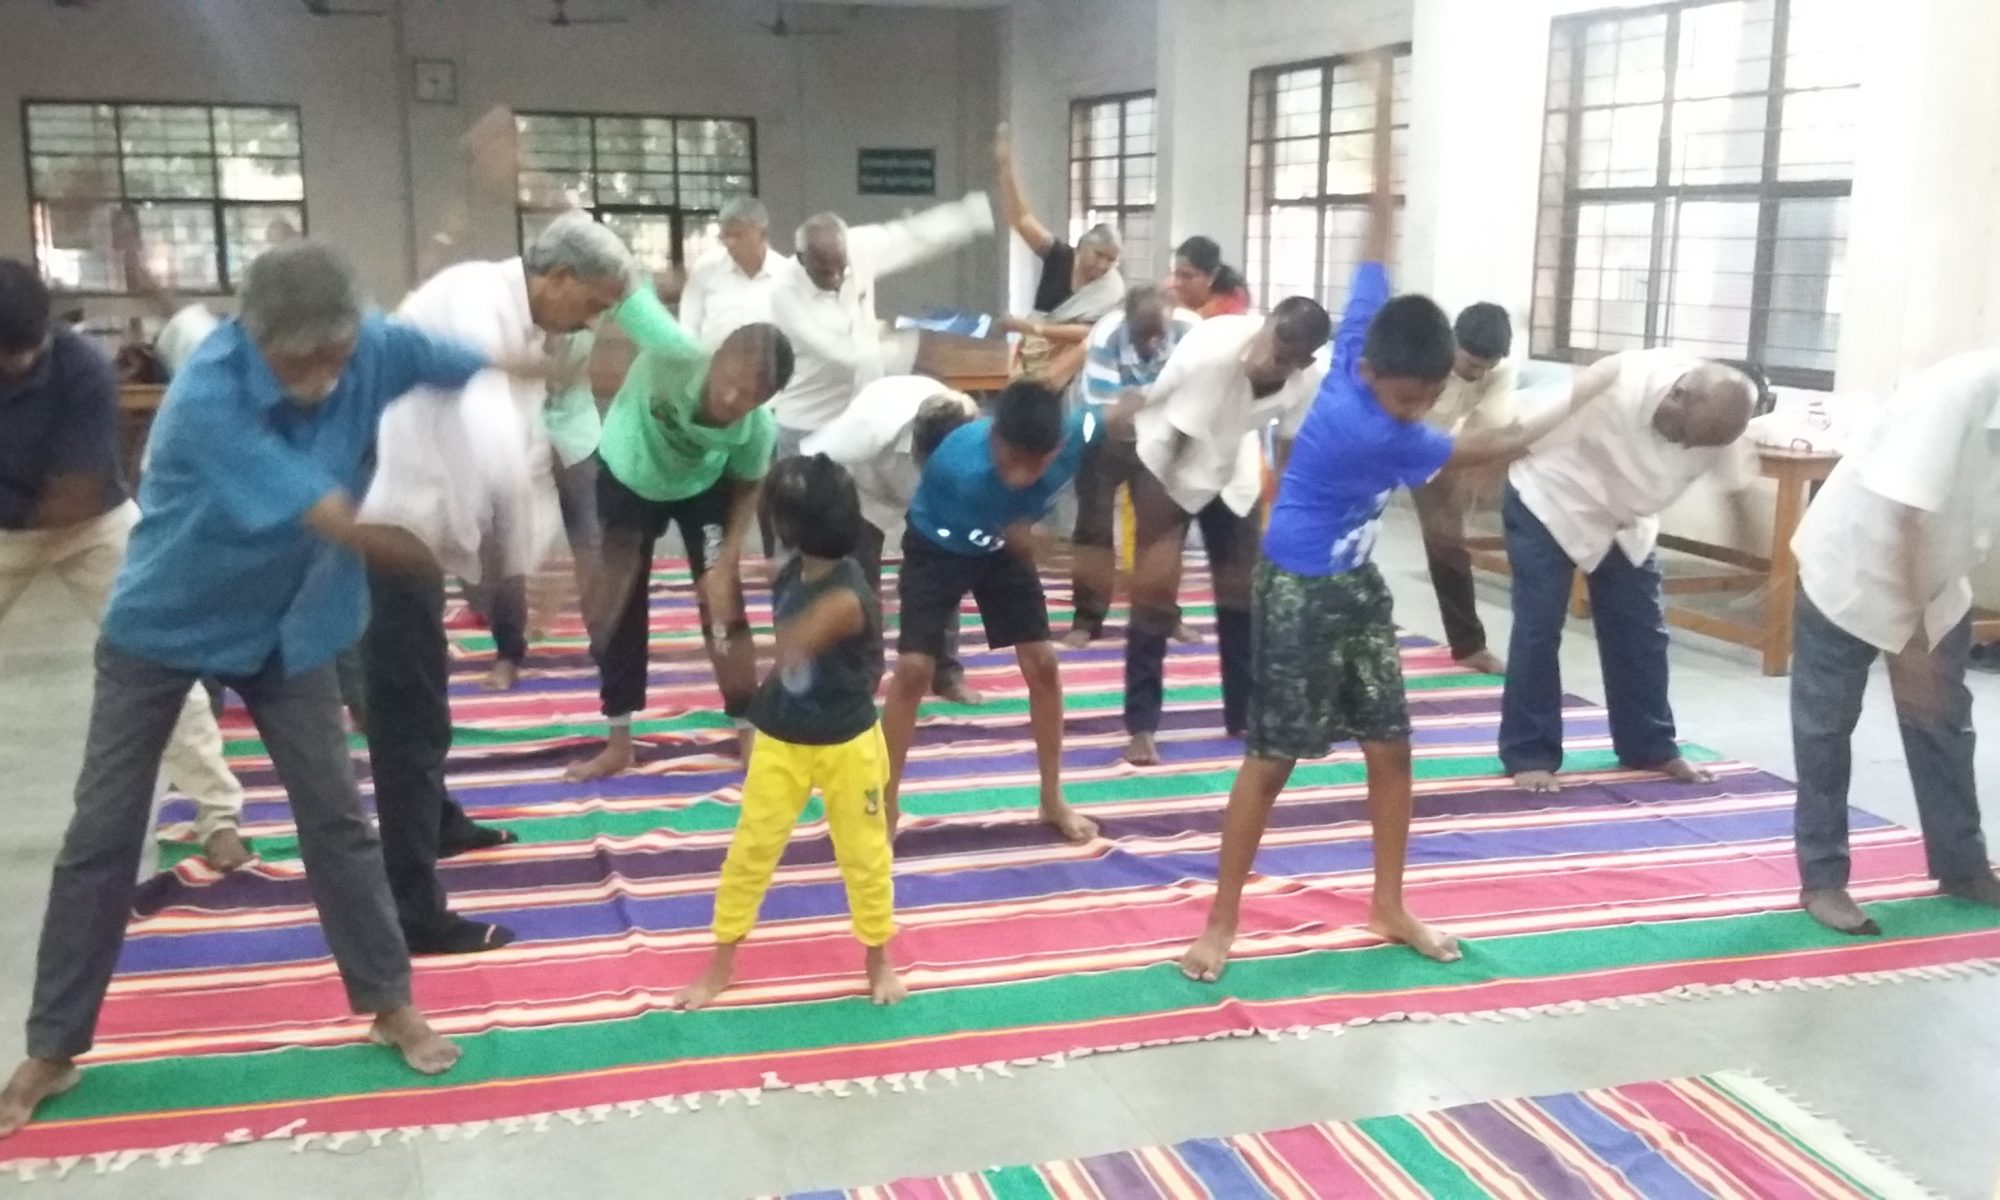 ஒவ்வொரு வெள்ளிக்கிழமைகளிலும் யோகா பயிற்சி வகுப்பு வழங்கப்பட்டு வருகிறது இப்பயிற்சியினை யோகா மாஸ்டர் திரு.நன்மாறன் பயிற்சி வழங்கினார்.